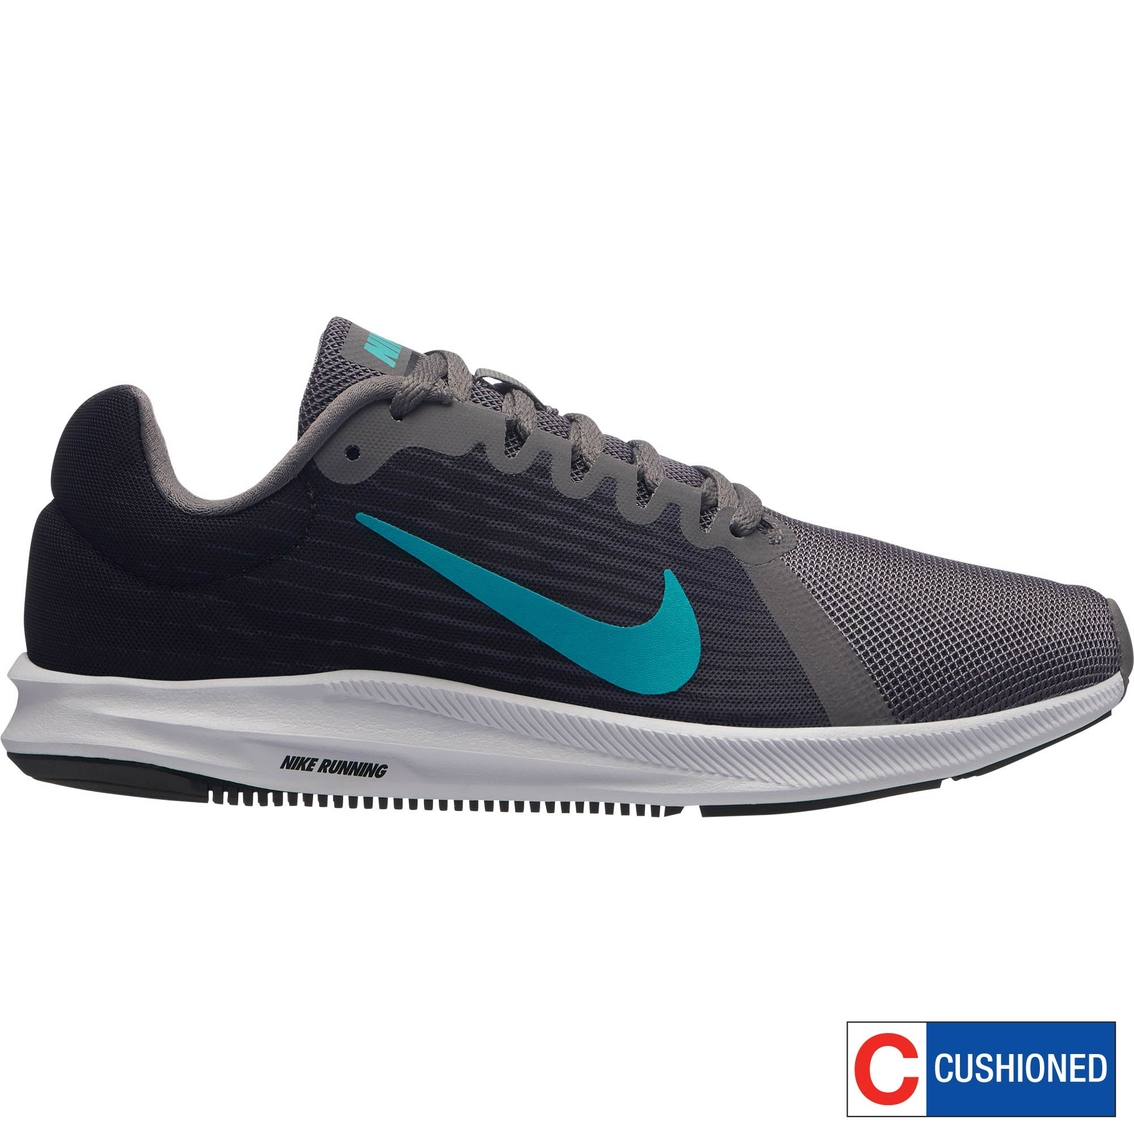 002230890 Nike Women's Downshifter 8 Running Shoes   Running   Shoes   Shop ...